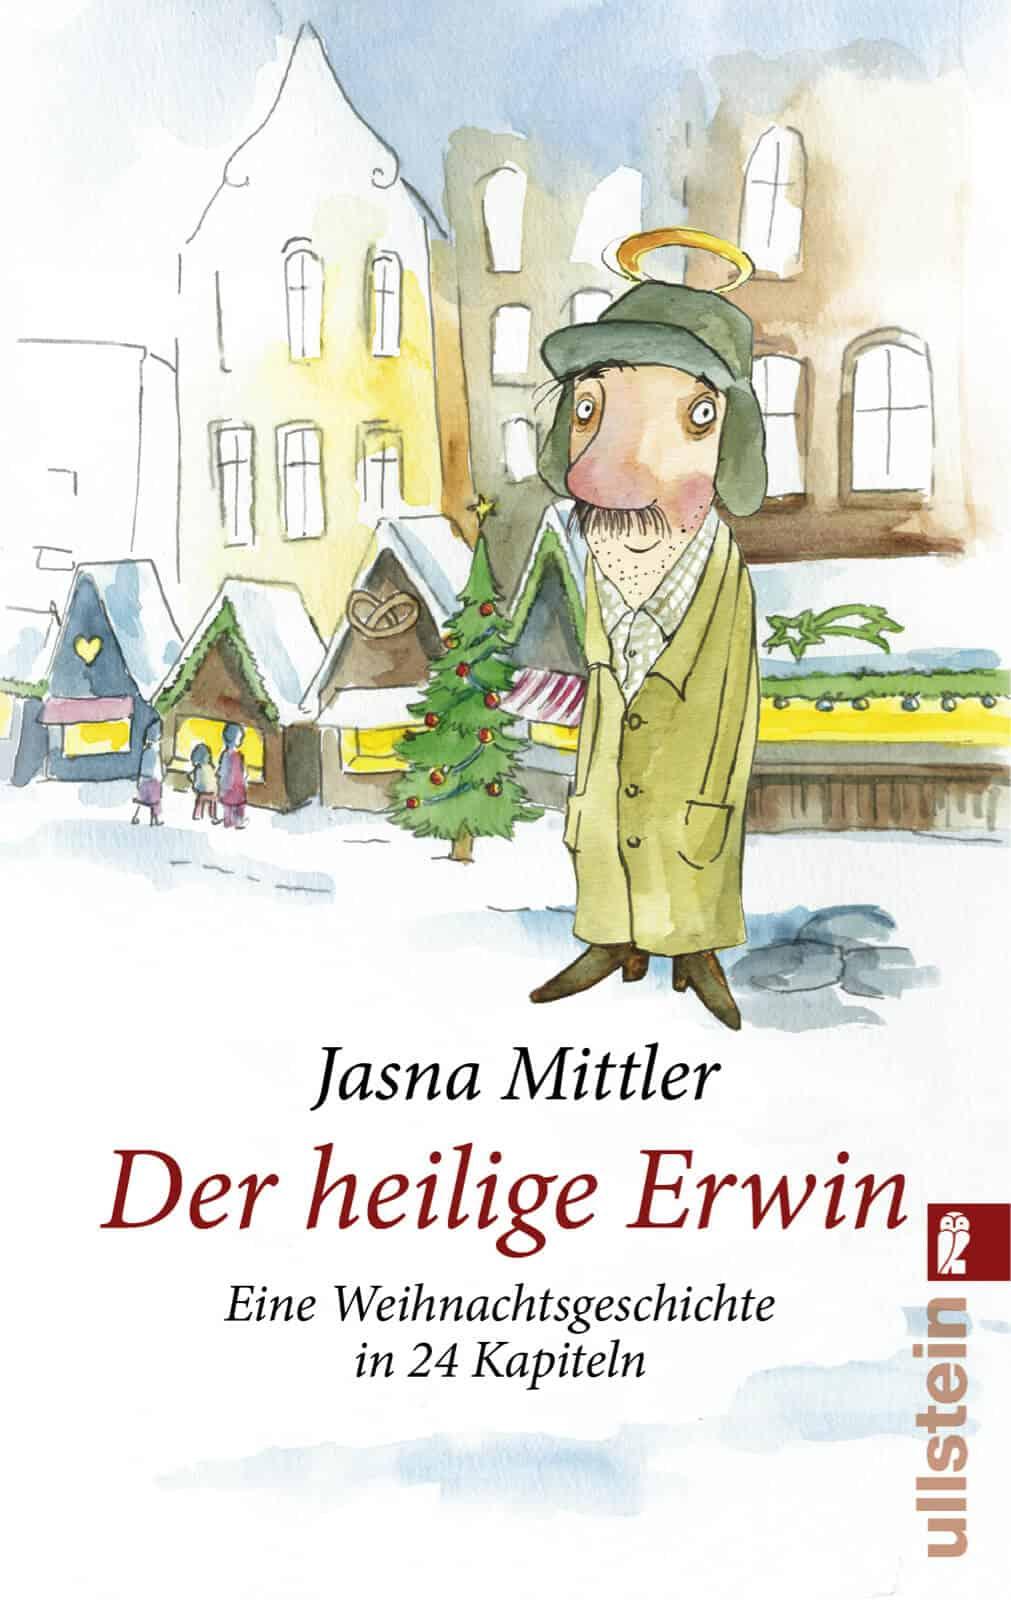 Jasna Mittler: Der heilige Erwin